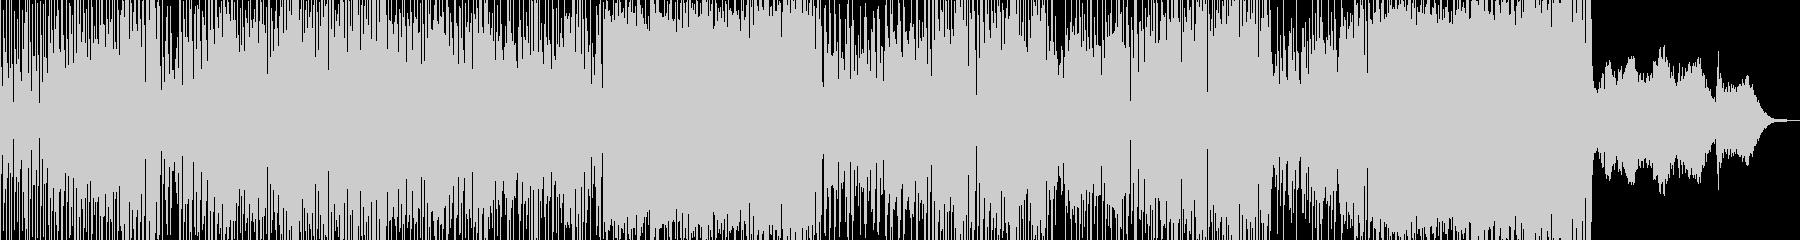 ドタバタコメディ・アニメ調ポップ 長尺+の未再生の波形